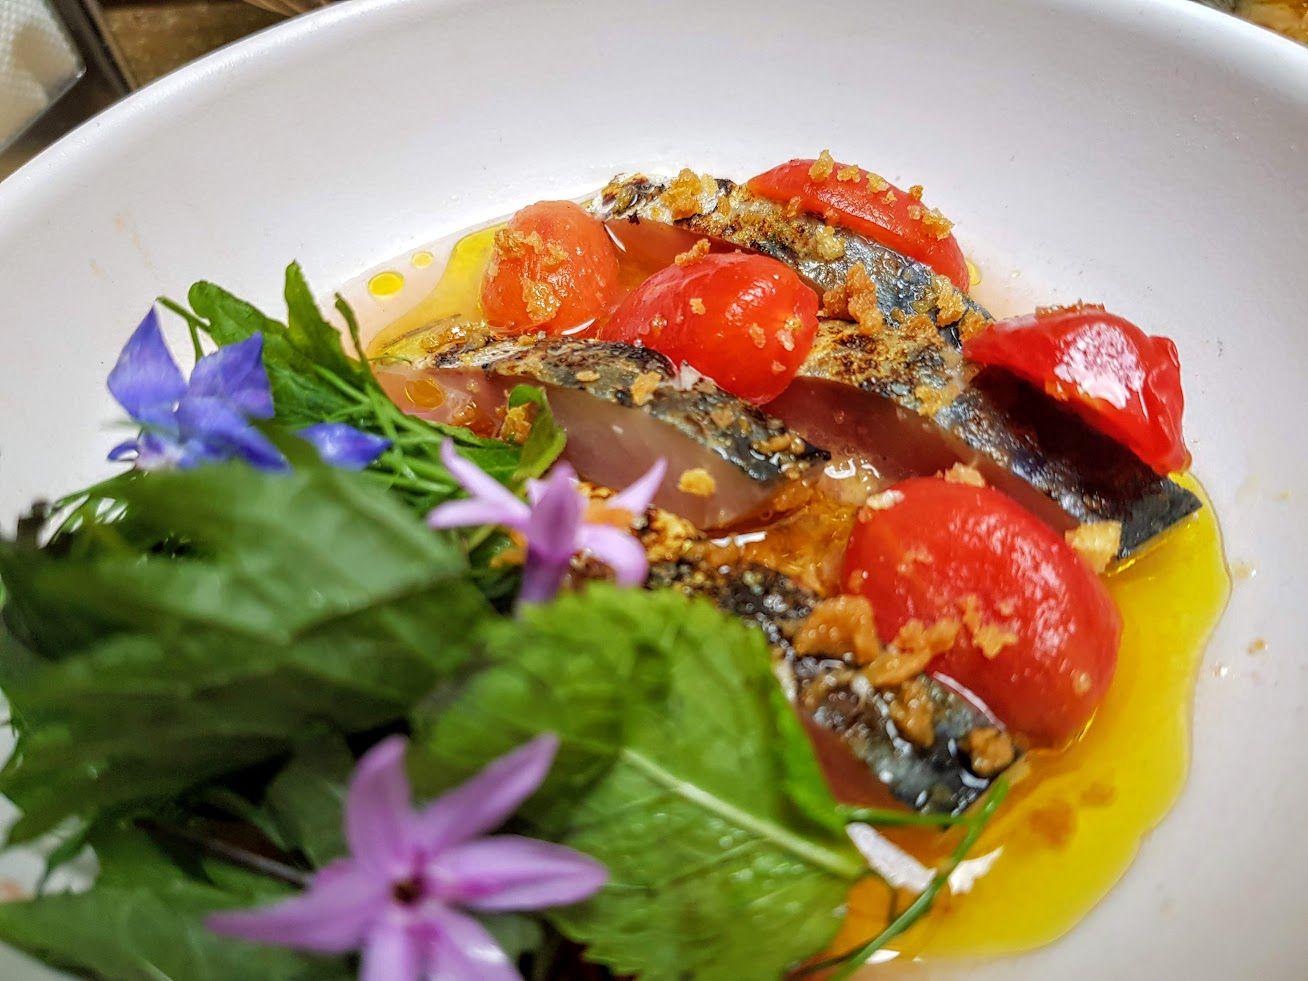 Maquereau cru et eau de tomate Amagat restaurant PAris 20